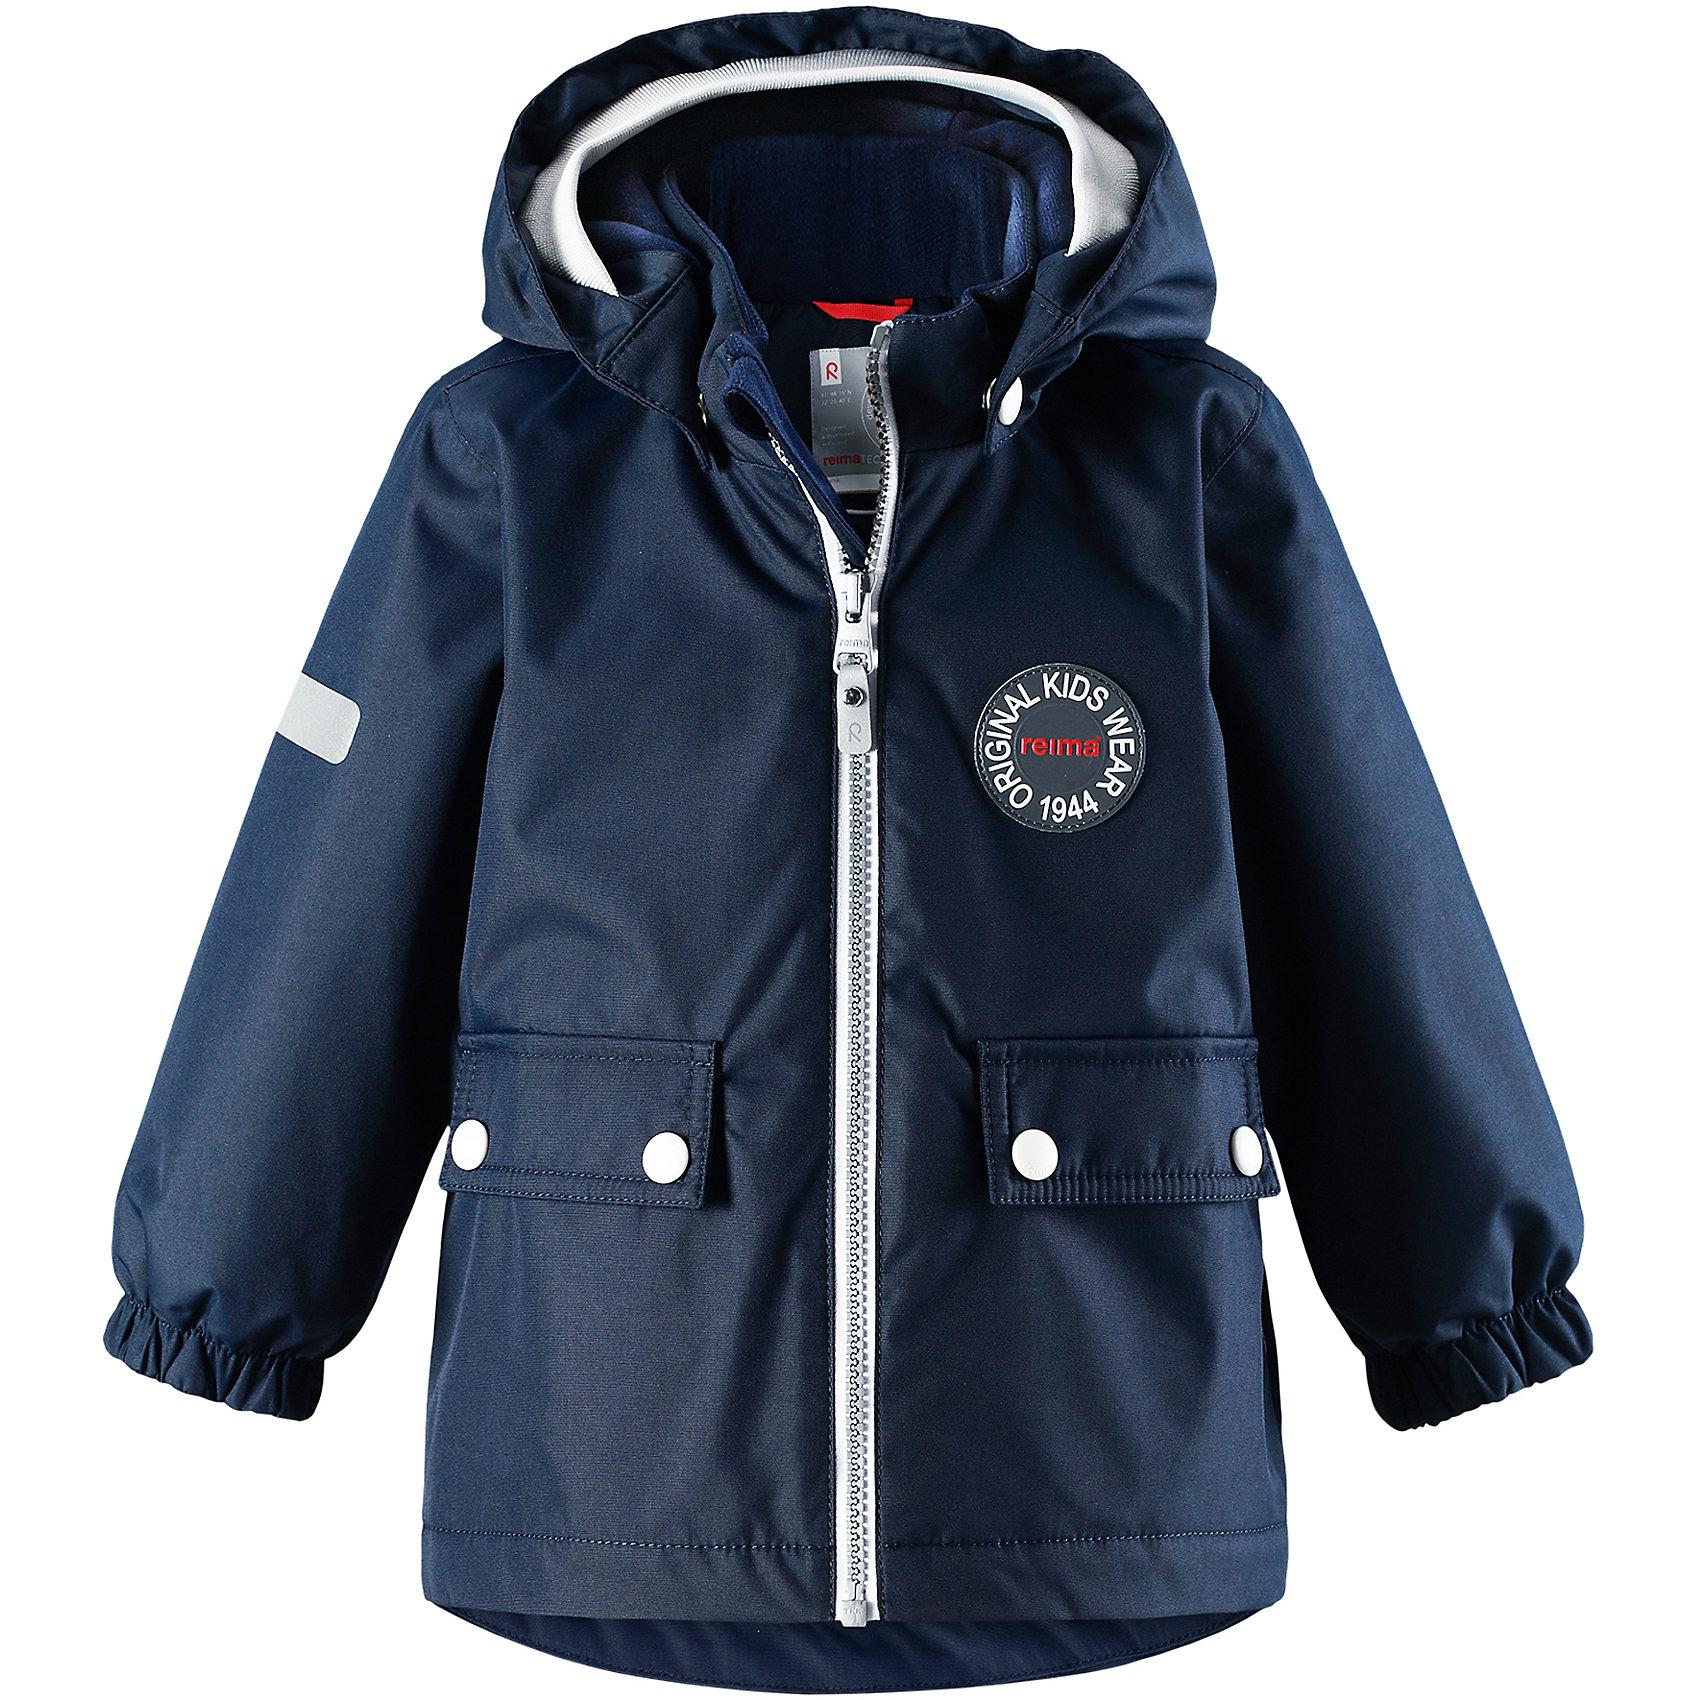 Куртка Reimatec® Reima QuiltВерхняя одежда<br>Характеристики товара:<br><br>• цвет: синий;<br>• состав: 100% полиэстер;<br>• подкладка: 100% полиэстер;<br>• утеплитель: 80 г/м2;<br>• сезон: демисезон, зима;<br>• температурный режим: от +5 до -15С;<br>• водонепроницаемость: 8000 мм;<br>• воздухопроницаемость: 10000 мм;<br>• износостойкость: 30000 циклов (тест Мартиндейла);<br>• водо- и ветронепроницаемый, дышащий и грязеотталкивающий материал;<br>• основные швы проклеены и водонепроницаемы;<br>• застежка: молния с защитой подбородка;<br>• гладкая подкладка из полиэстера;<br>• безопасный, съемный капюшон;<br>• мягкая резинка на кромке капюшона;<br>• эластичные манжеты;<br>• два кармана с кнопками;<br>• светоотражающие детали;<br>• страна бренда: Финляндия;<br>• страна изготовитель: Китай.<br><br>Самые важные швы в этой зимней куртке проклеены и водонепроницаемы, а сама она изготовлена из ветронепроницаемого, дышащего материала с водо и грязеотталкивающей поверхностью. Гладкая подкладка из полиэстера поможет быстро одеться. <br><br>Съемный капюшон не только защищает от пронизывающего ветра, но еще и безопасен во время игр на свежем воздухе. Кнопки легко отстегиваются, если капюшон случайно за что-нибудь зацепится. Мягкая резинка по краю регулируемого капюшона, а также большие карманы с клапанами и светоотражающие детали придают образу изюминку. <br><br>Куртку Reimatec® Reima Quilt от финского бренда Reima (Рейма) можно купить в нашем интернет-магазине.<br><br>Ширина мм: 356<br>Глубина мм: 10<br>Высота мм: 245<br>Вес г: 519<br>Цвет: синий<br>Возраст от месяцев: 24<br>Возраст до месяцев: 36<br>Пол: Унисекс<br>Возраст: Детский<br>Размер: 98,80,86,92<br>SKU: 6968422